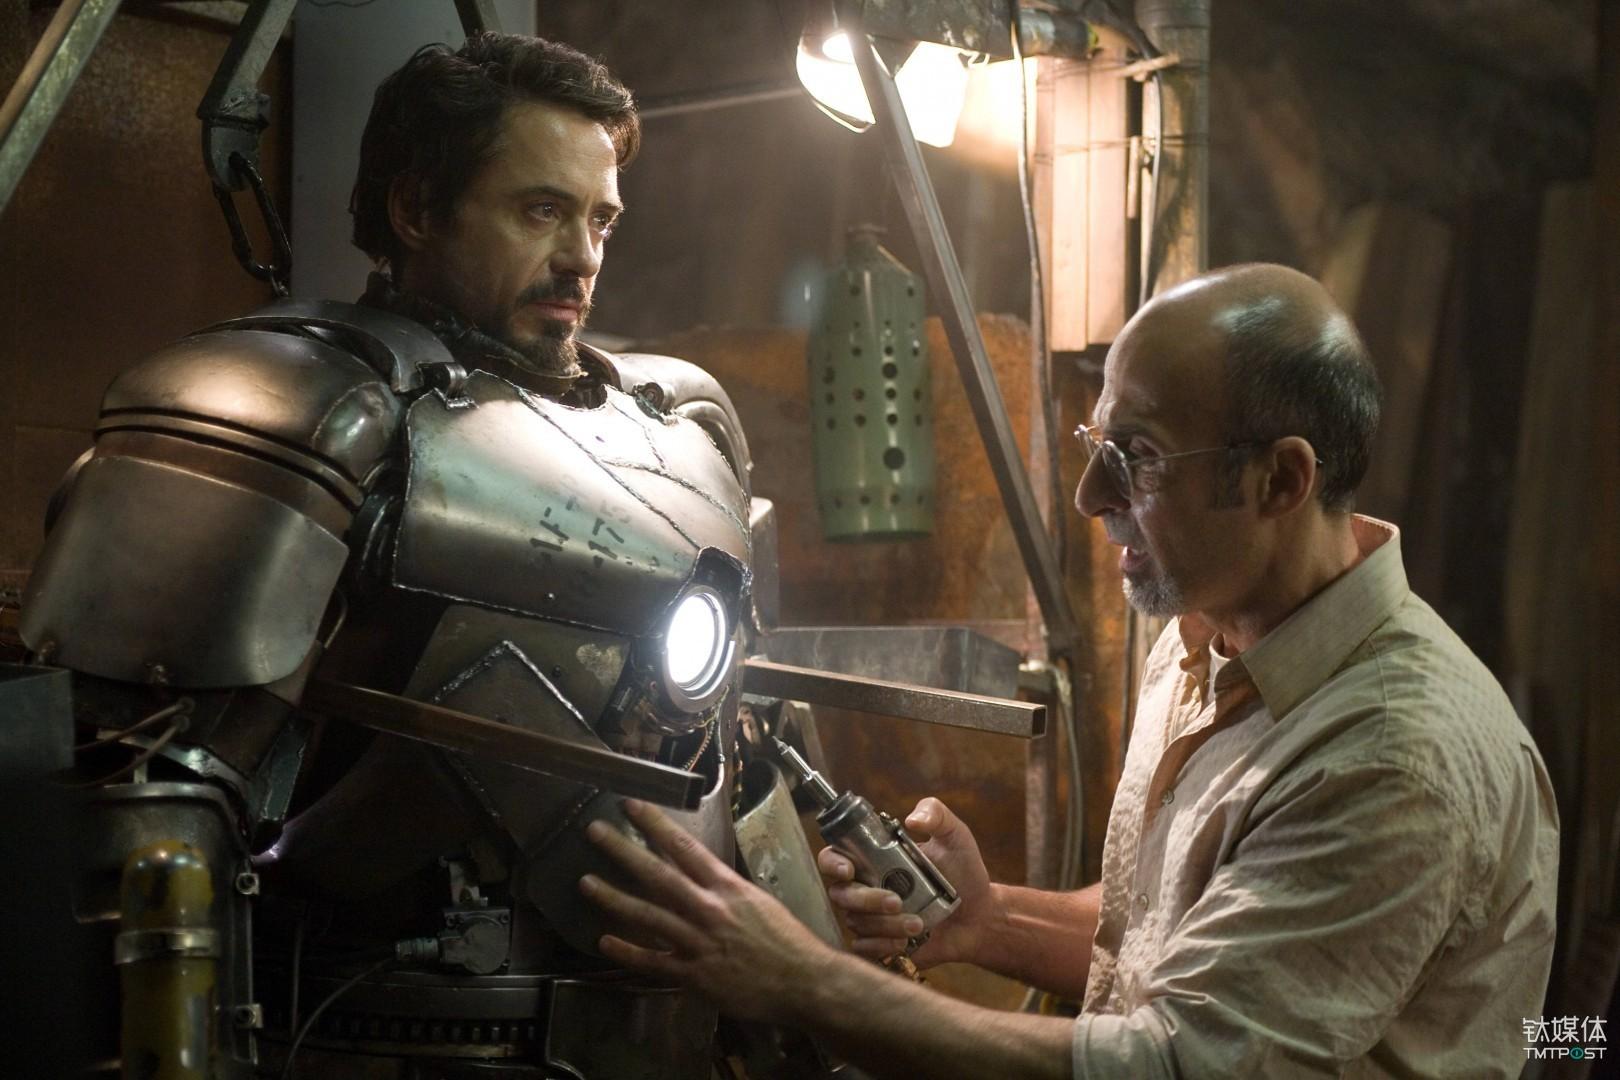 漫威工作室在《钢铁侠》上的孤注一掷获得了巨大的回报